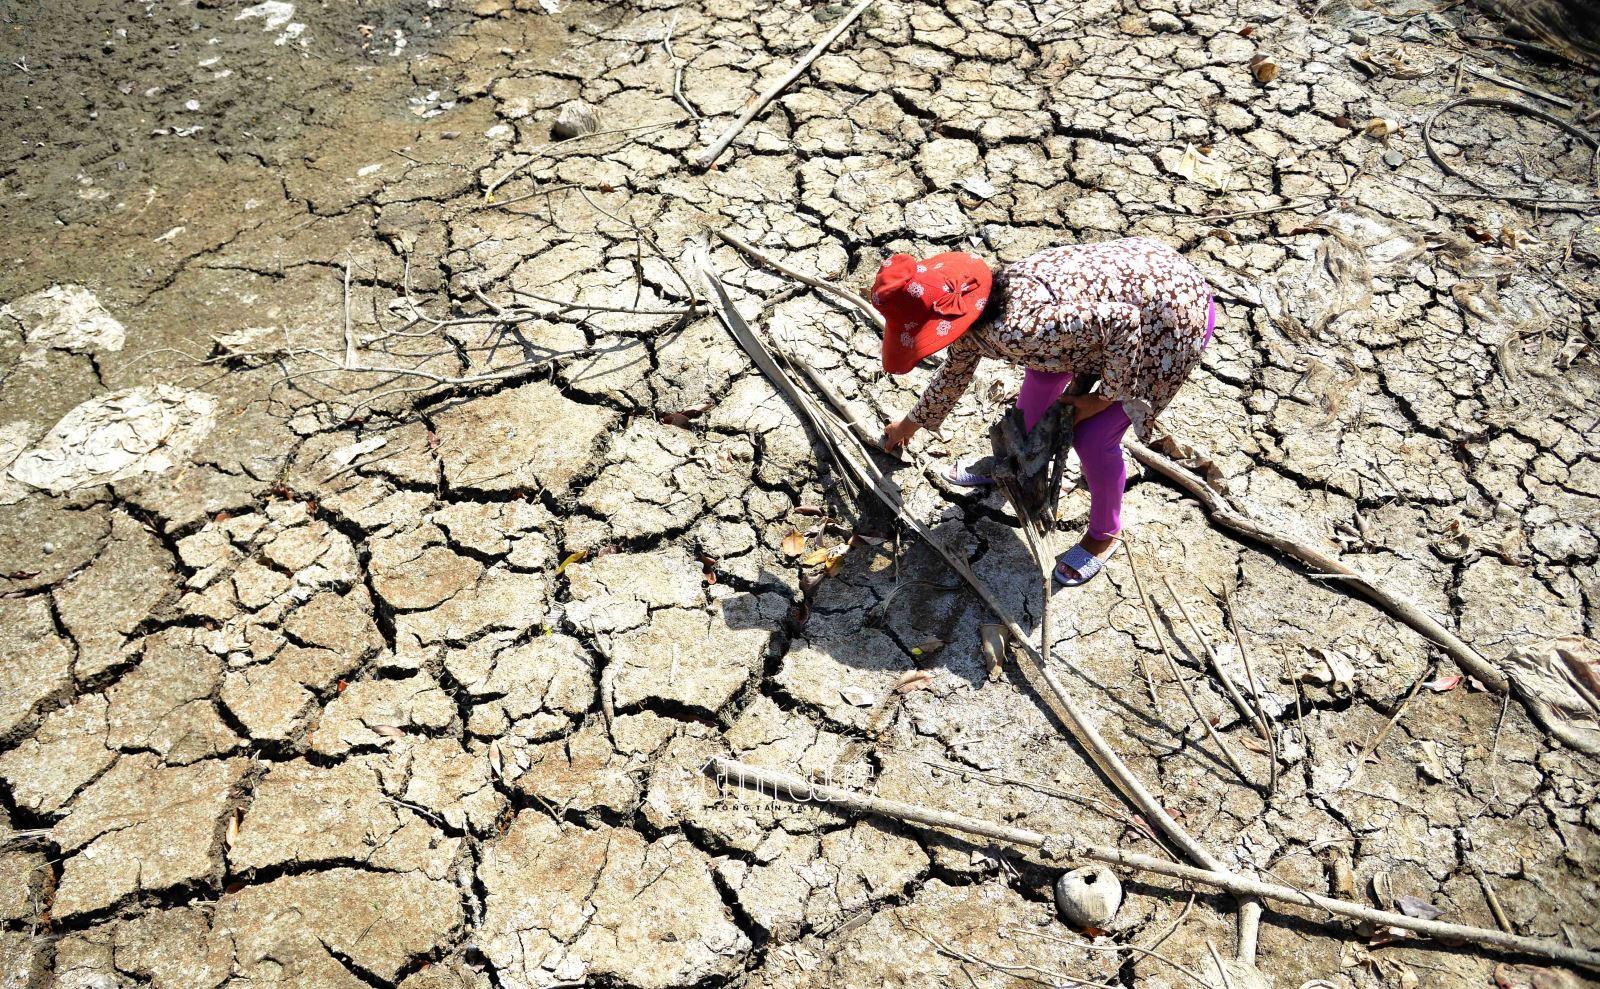 Cô Võ Thị Loan (52 tuổi, ngụ xã Tân Phước, huyện Gò Công Đông, tỉnh Tiền Giang) đang đi mót củi trên nền đất nứt nẻ do khô hạn, xâm nhập mặn. Cô Loan chia sẻ, chưa có năm nào hạn, mặn khốc liệt như năm nay. Đây là kênh lớn ven đê trên địa bàn xã để phục vụ tưới tiêu cho ruộng đồng và sinh hoạt, nhưng đến nay đã cạn trơ đáy.